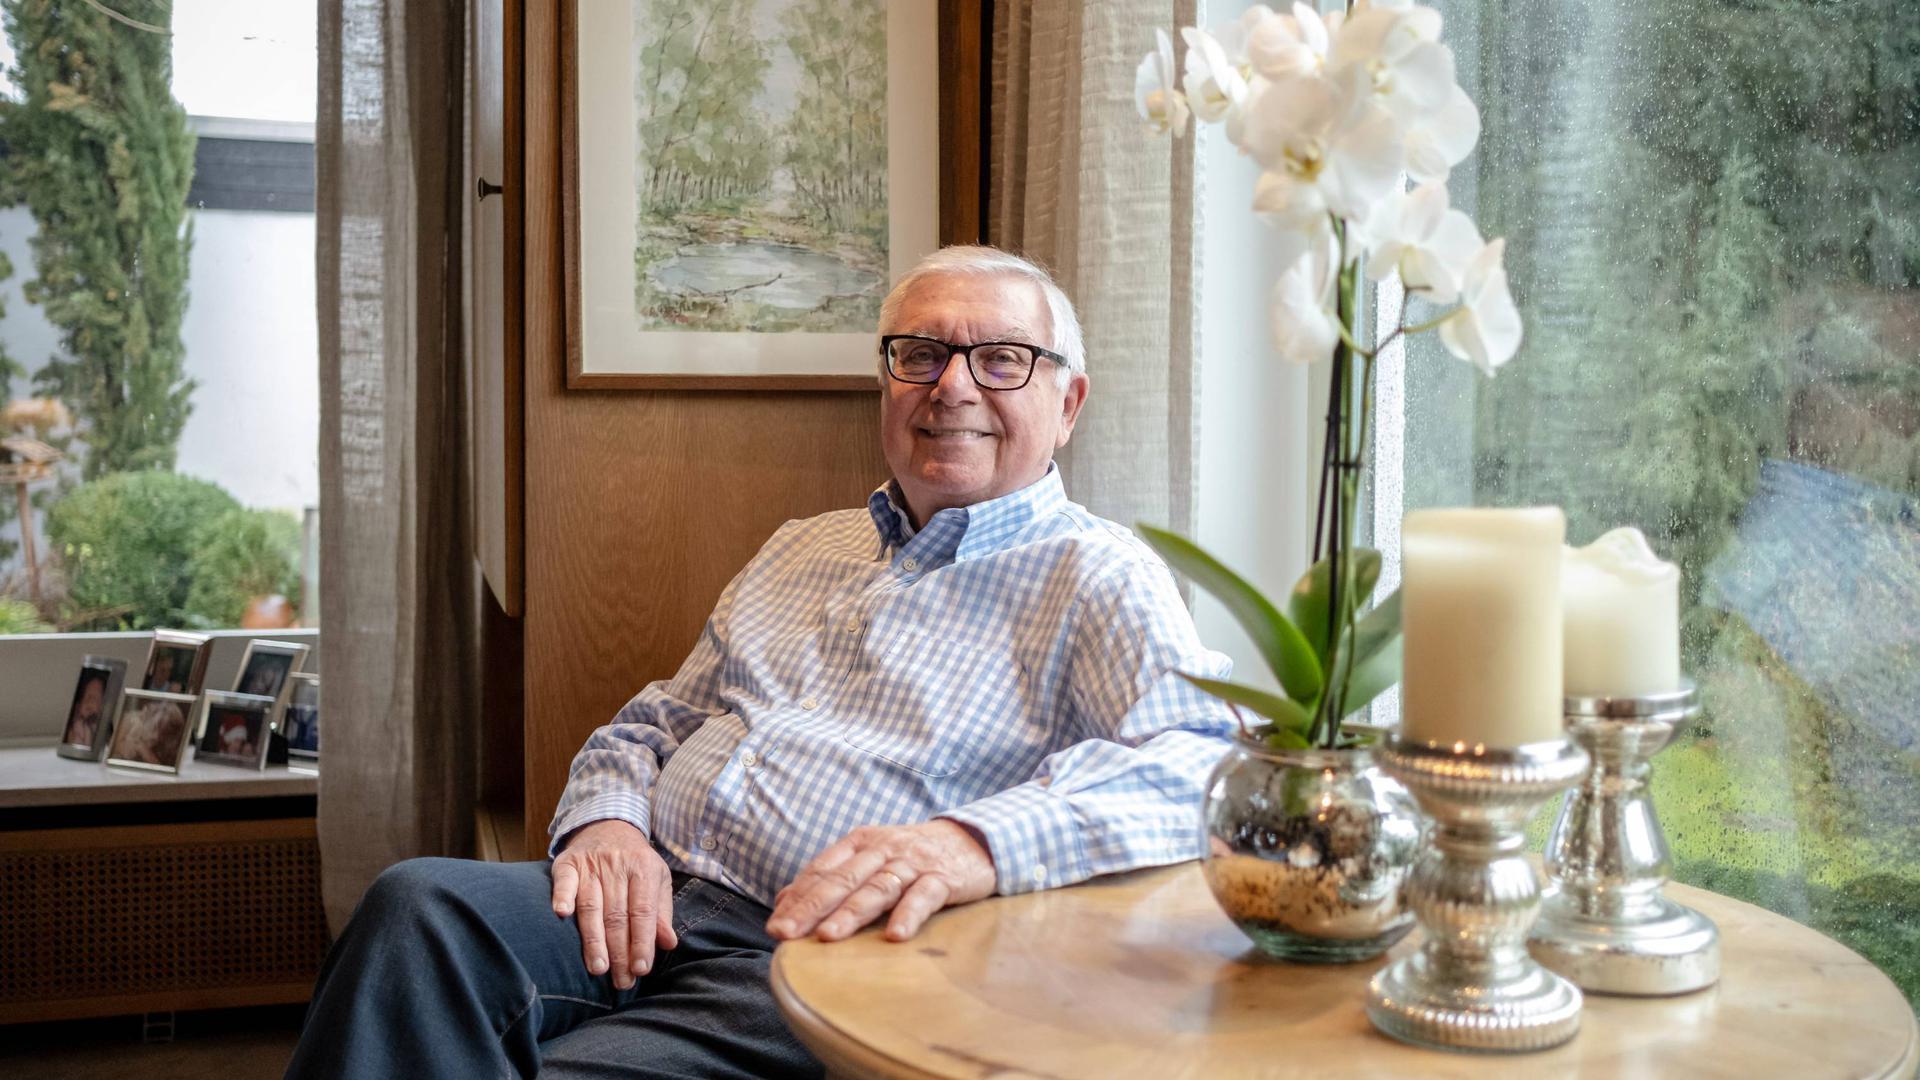 Roland Schmider (Ex KSC Vizepraesident) Homestory zum bevorstehenden 80 igen Geburtstag. Zu Hause Karlsruhe Moosweg 10. GES/ Fussball/ Roland Schmider (KSC) Portrait 10.03.2020 --